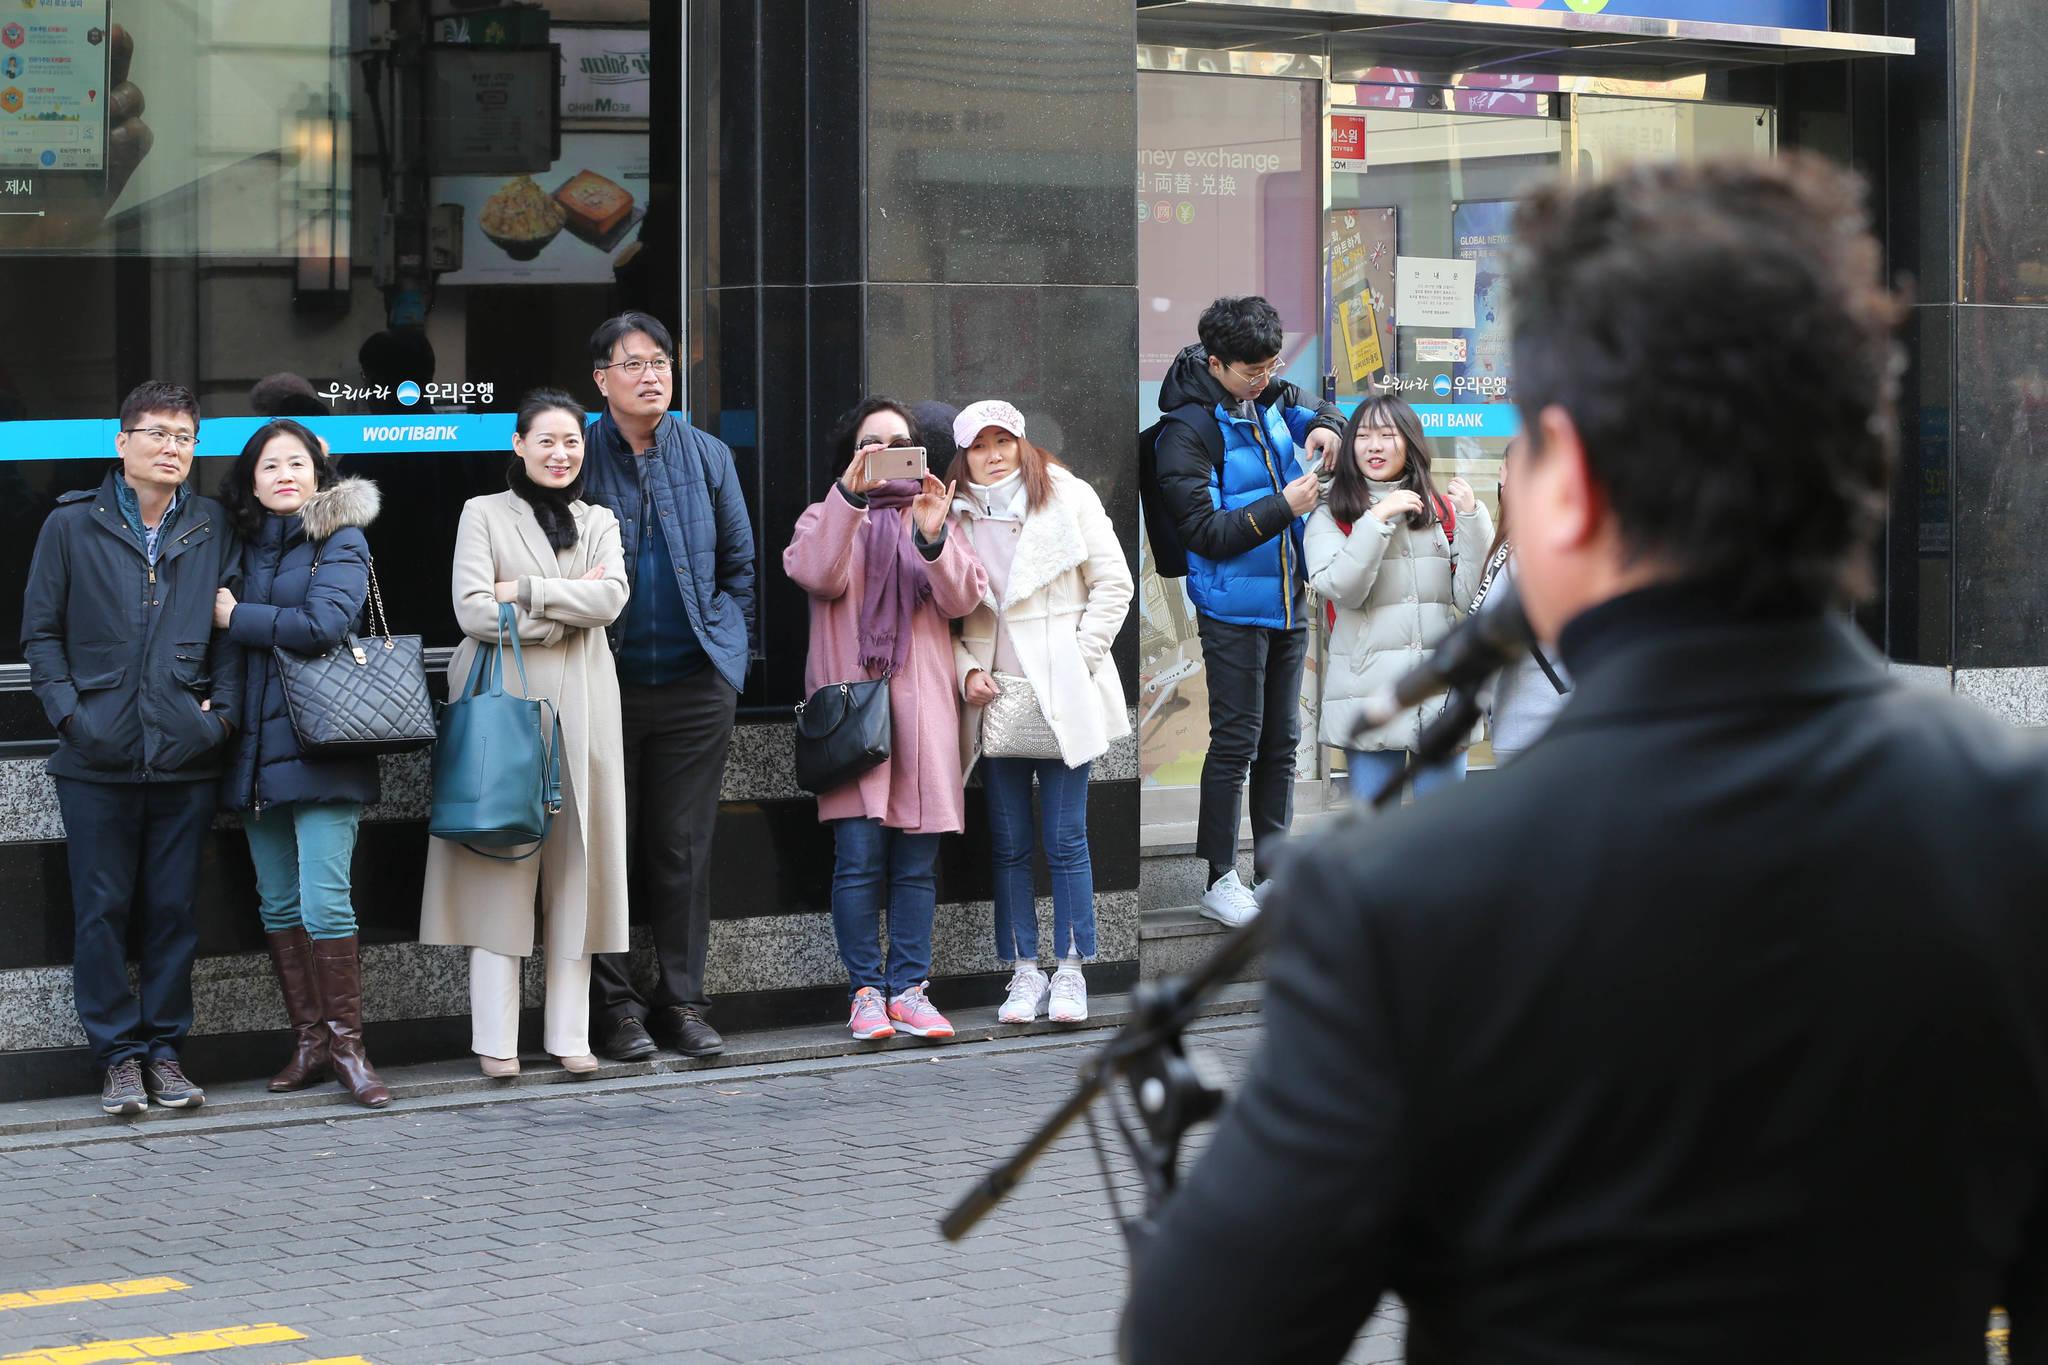 성악가인 노희섭 인씨엠예술단 단장이 길거리 성악 버스킹 1000회에 도전하고 있다. 서울 명동 우리은행 앞에서 사람들이 멈춰서서 노래를 듣고 있다. 신인섭 기자